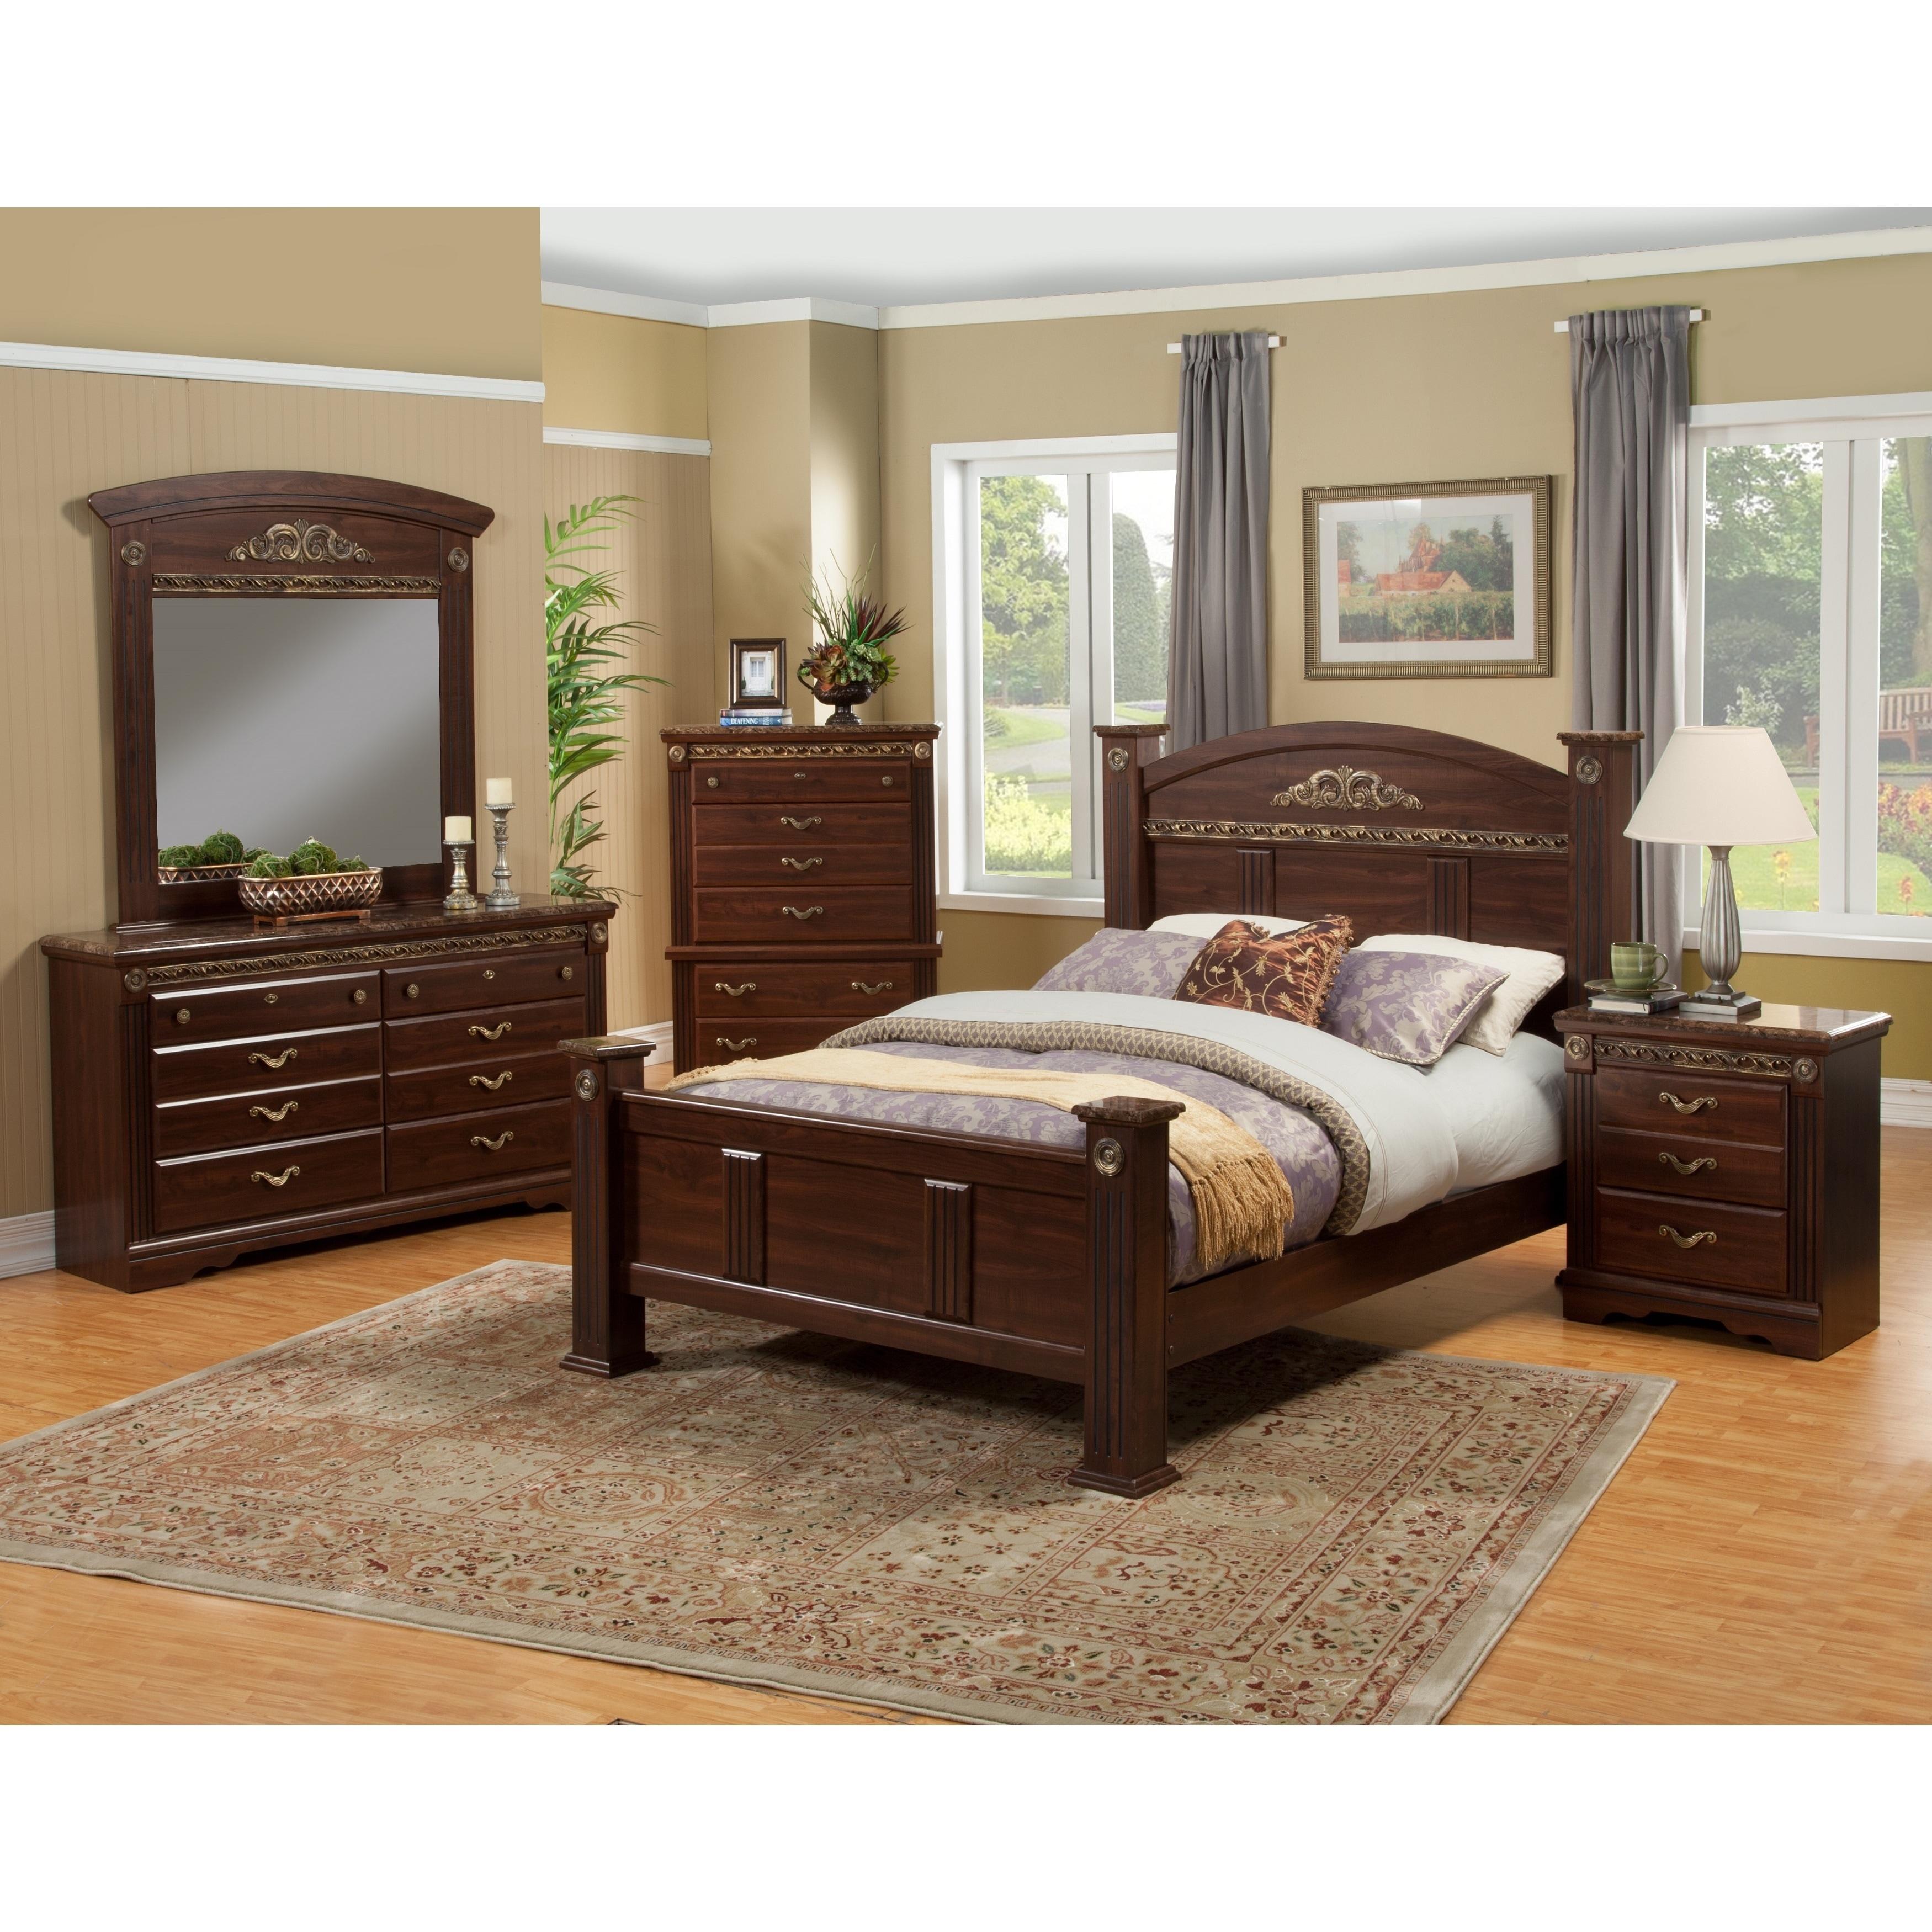 Renaissance Bedroom Furniture Renaissance Bedroom Set Renaissance Bedroom Furniture 17 Neoteric